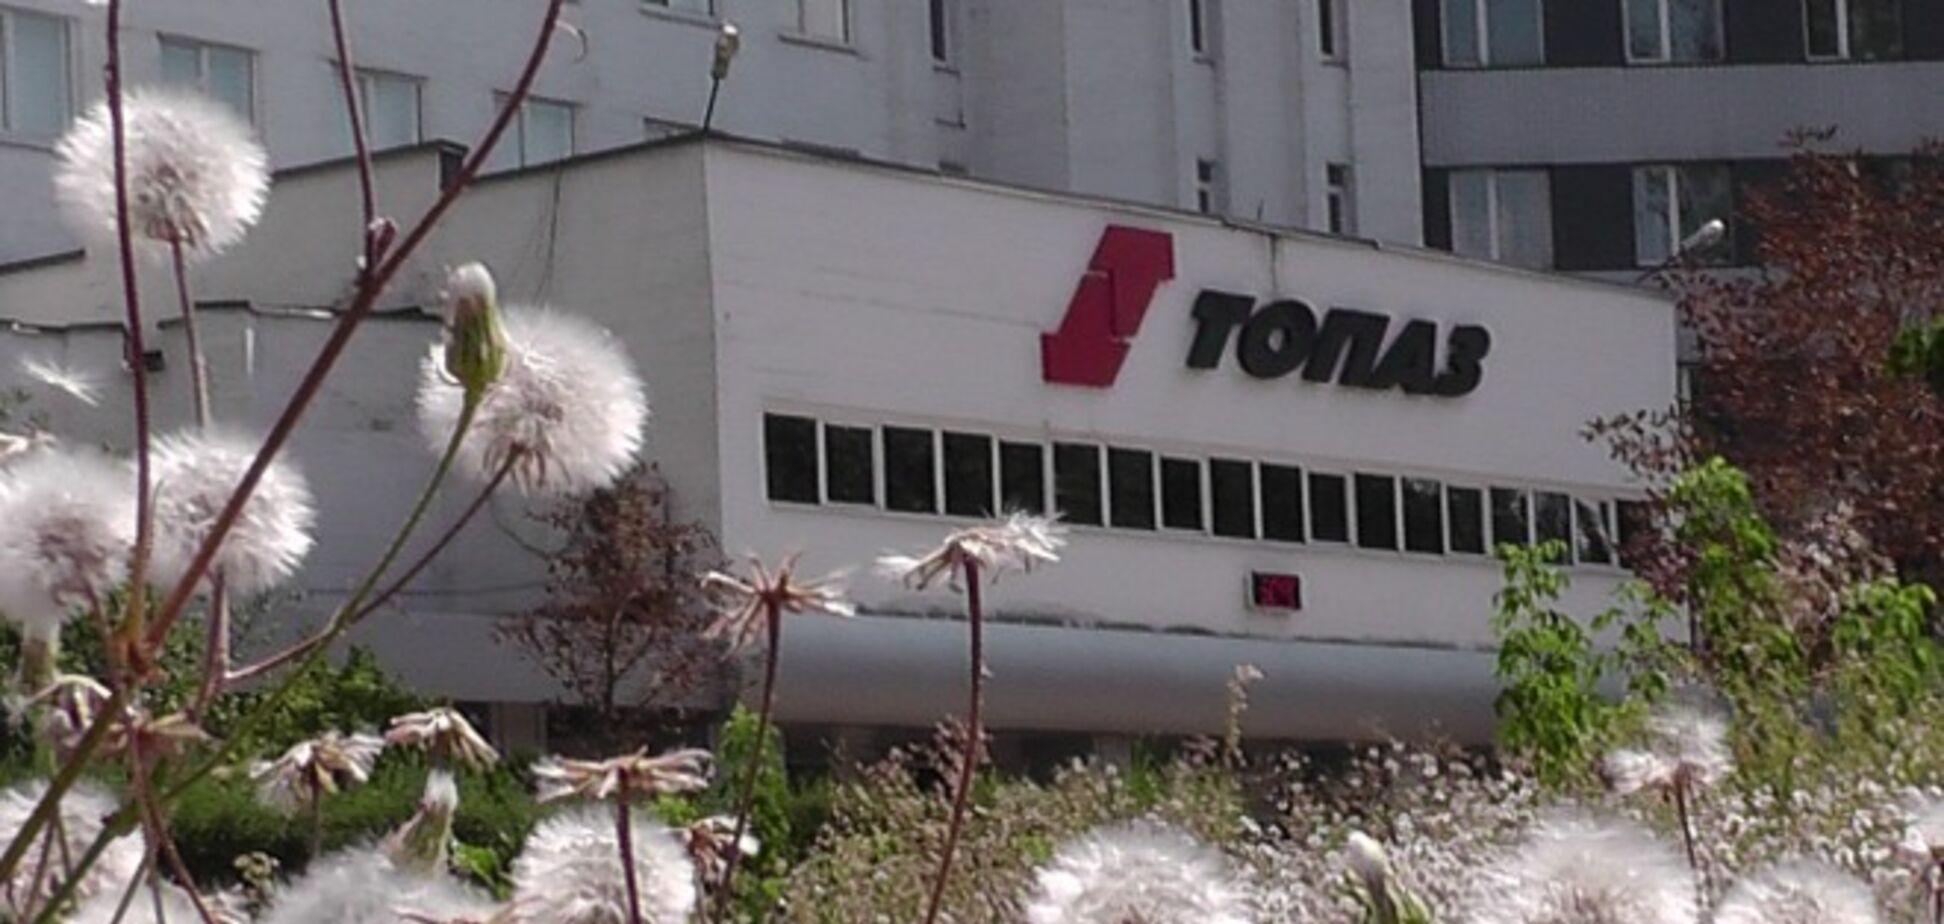 Грузовики 'гумконвоя' вывозят в Россию промышленное оборудование 'оборонки' - СНБО